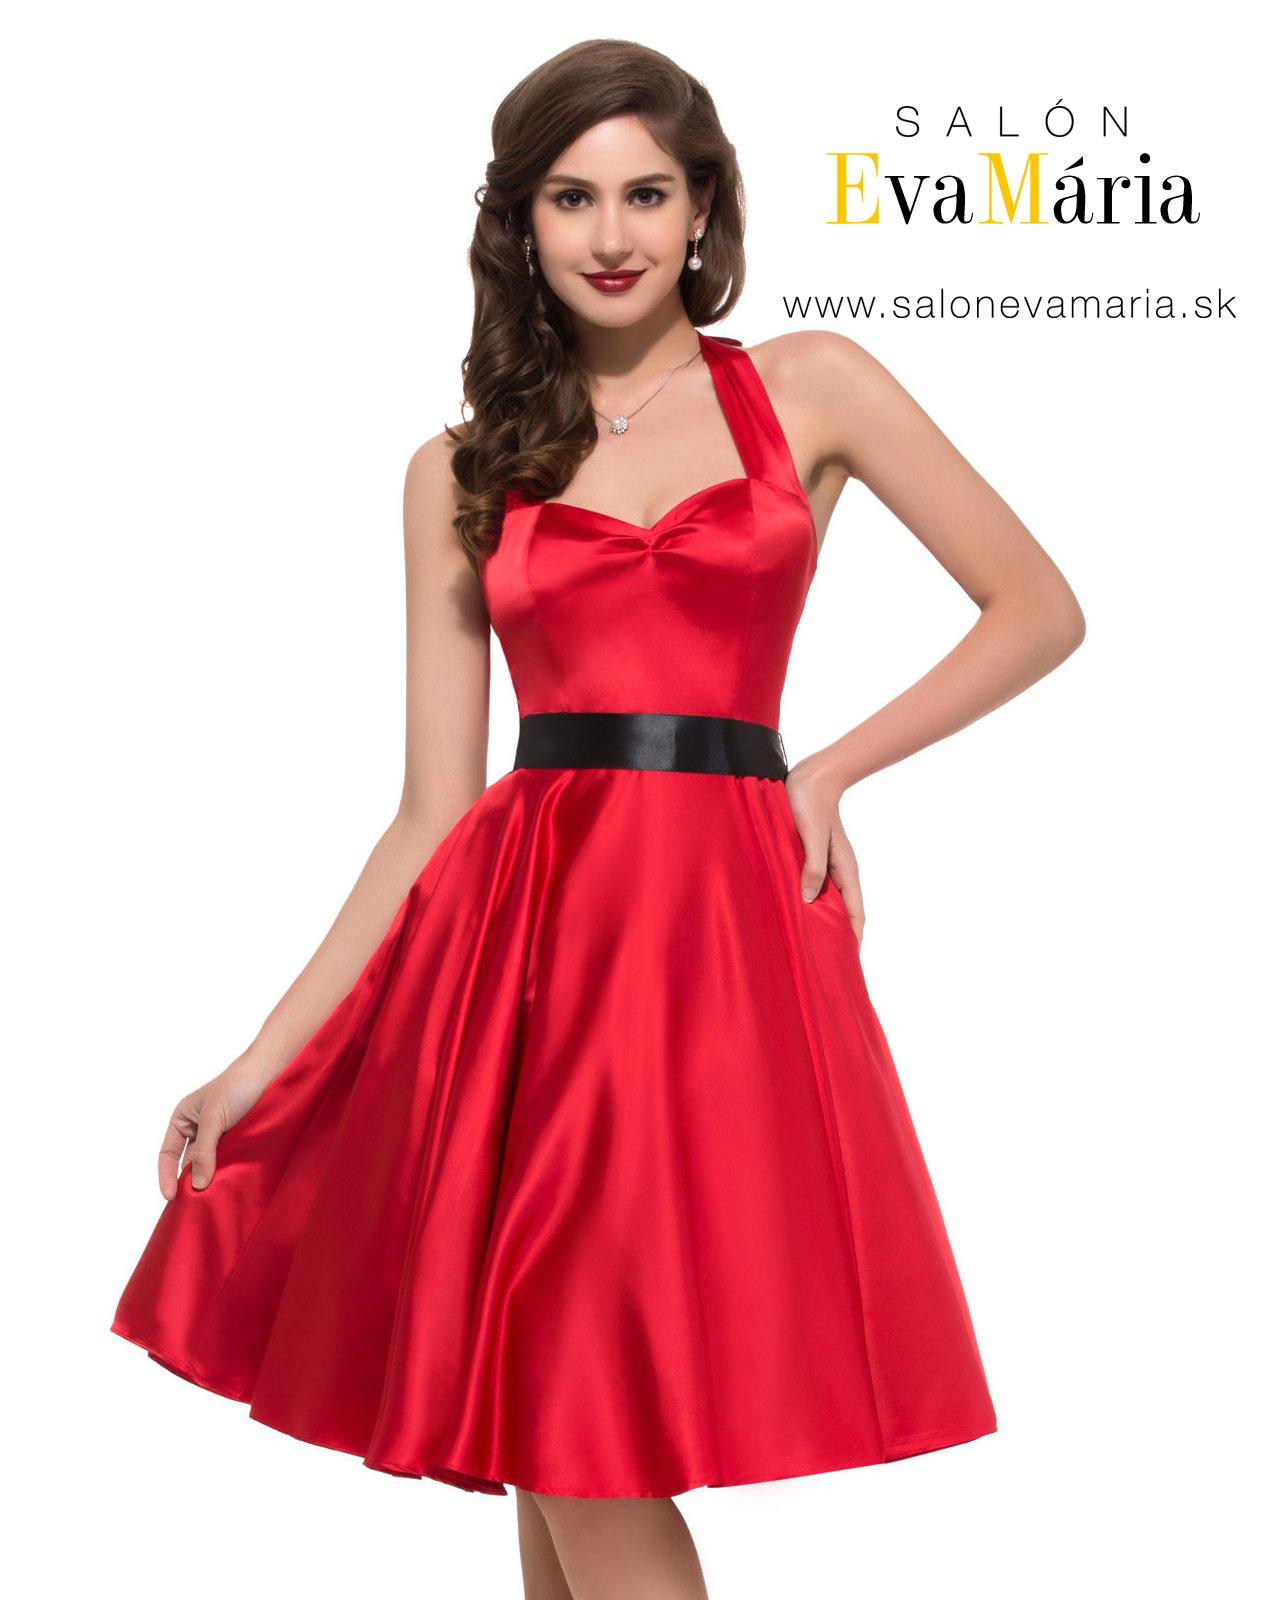 Retro šaty - Prekrásne červené lesklé retro šaty - 50. roky SKLADOM: http://salonevamaria.sk/index.php?id_category=27&controller=category NA OBJEDNÁVKU: http://salonevamaria.sk/index.php?id_category=10&controller=category